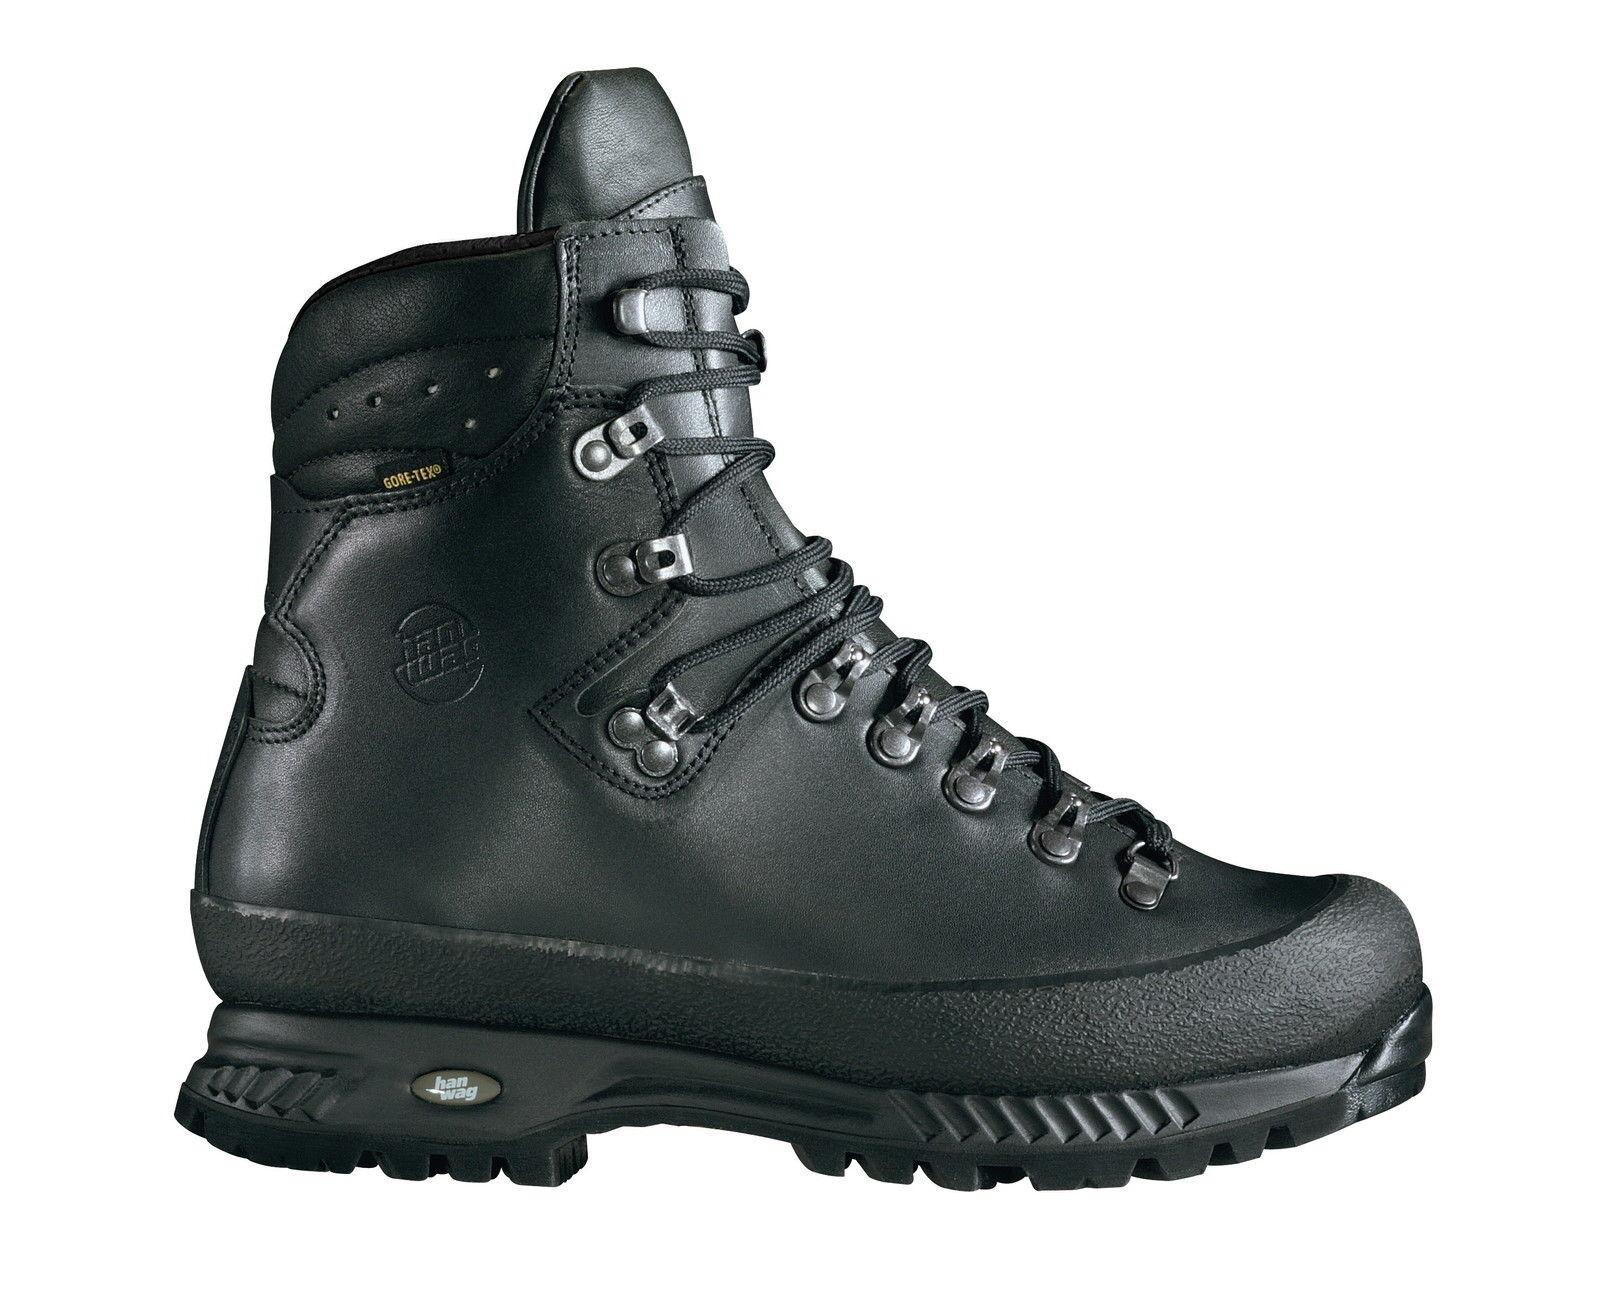 Hanwag Bergschuhe:Alaska GTX Men 9 Größe 9 Men - 43  schwarz 0a09c9